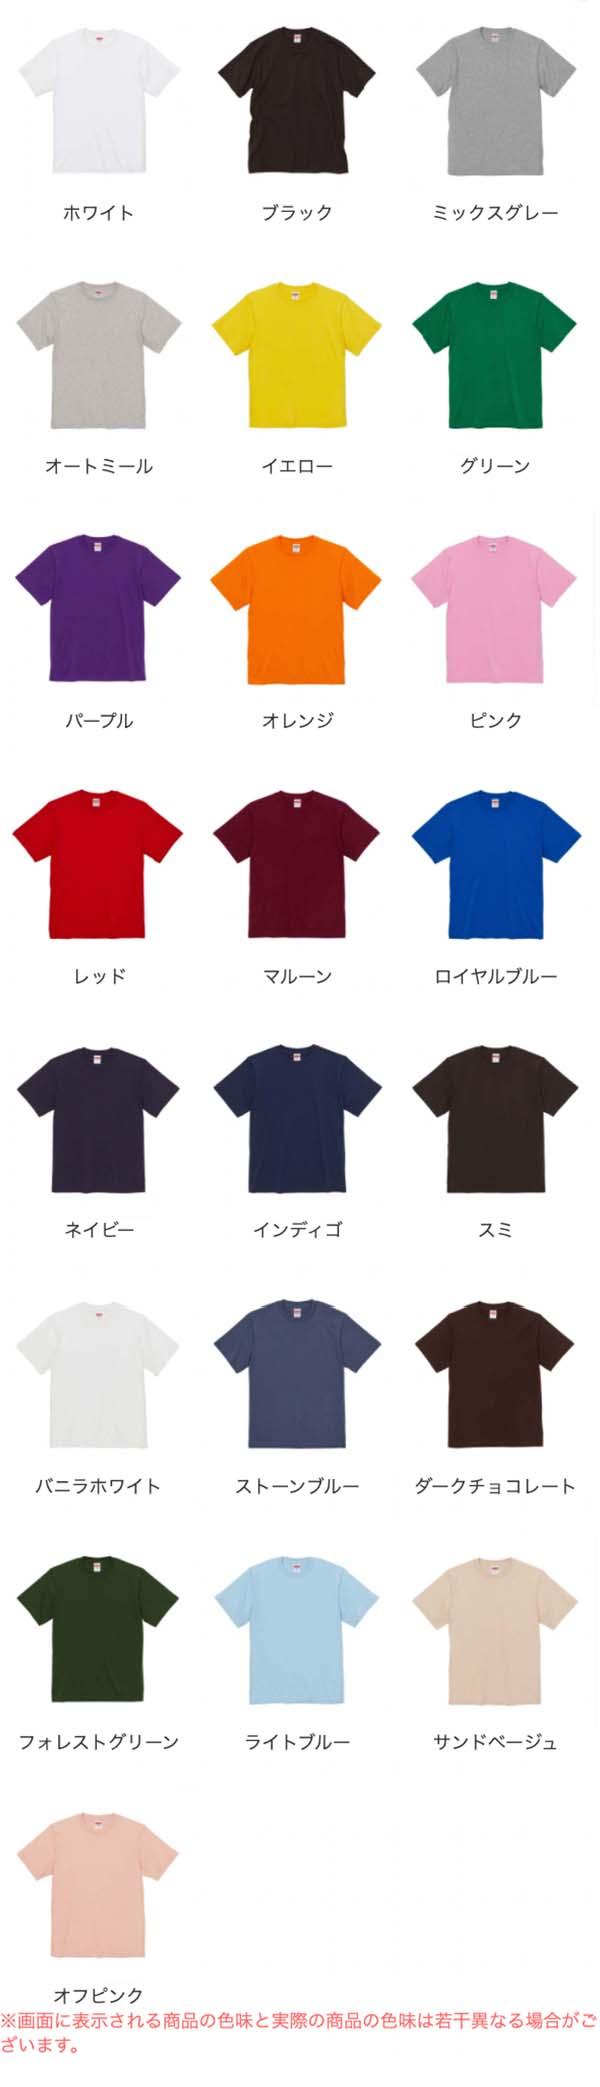 ユニバーサルフィットTシャツのカラー